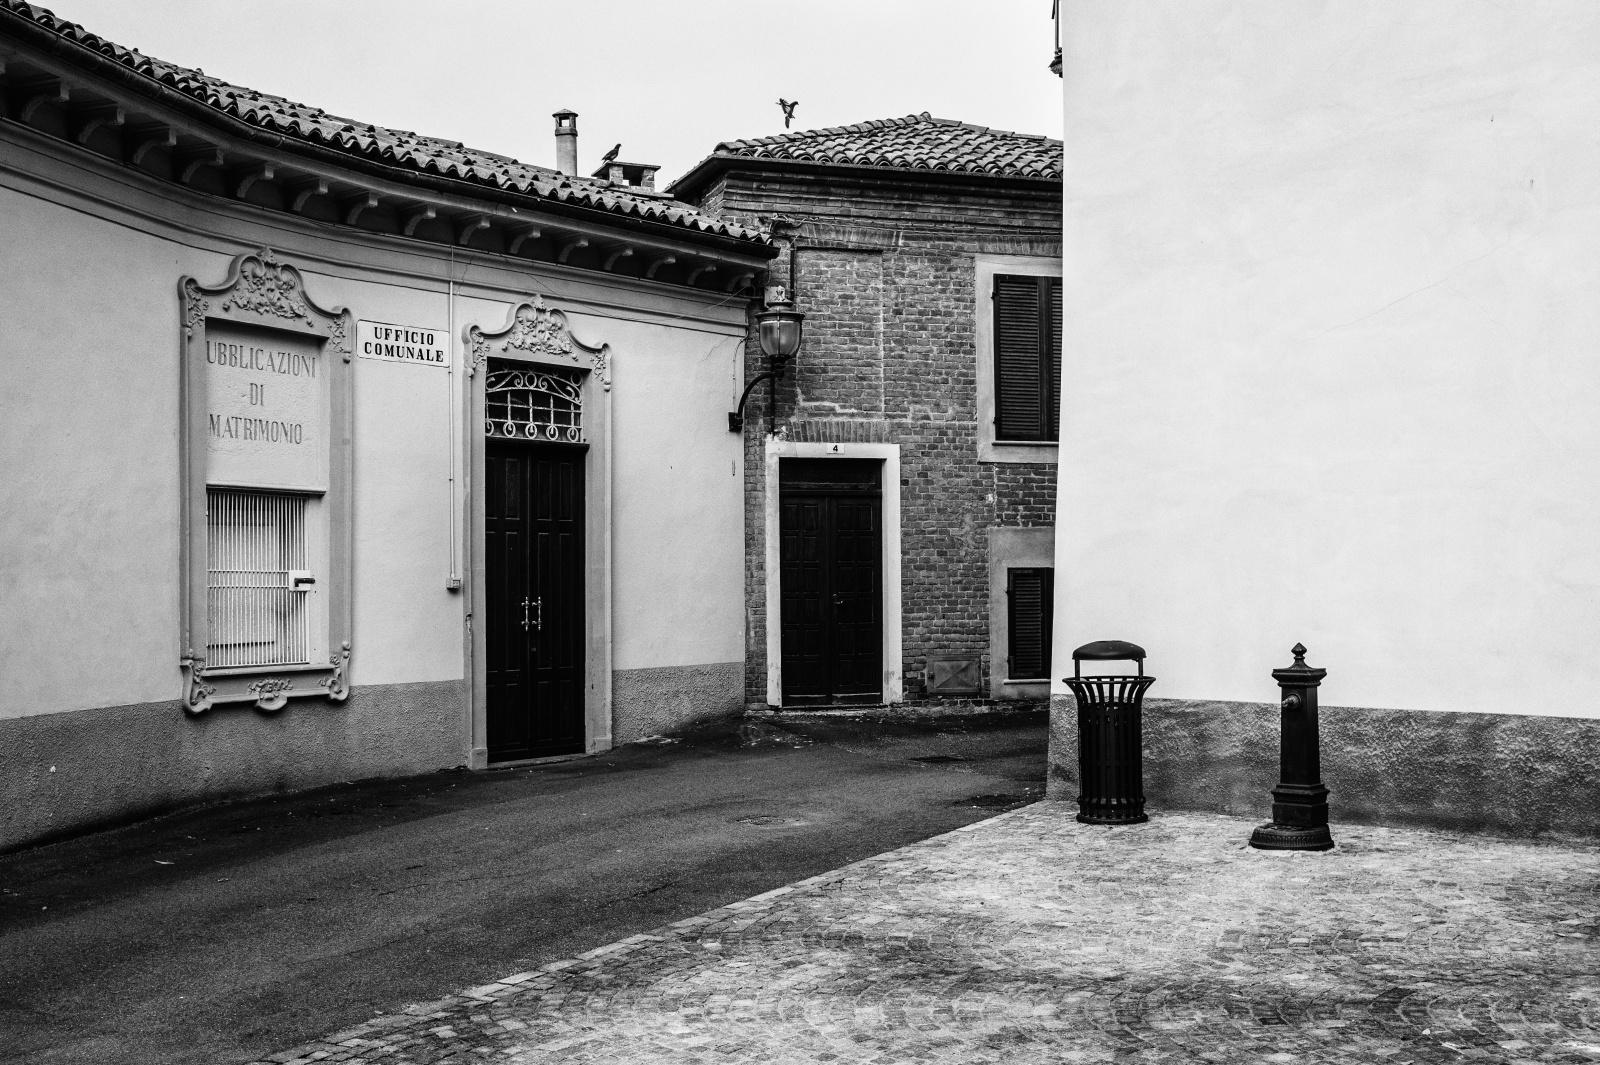 Con la collaborazione di MAGNUM PHOTOS, LEICA, CAMERA Centro Italiano per la Fotografia.